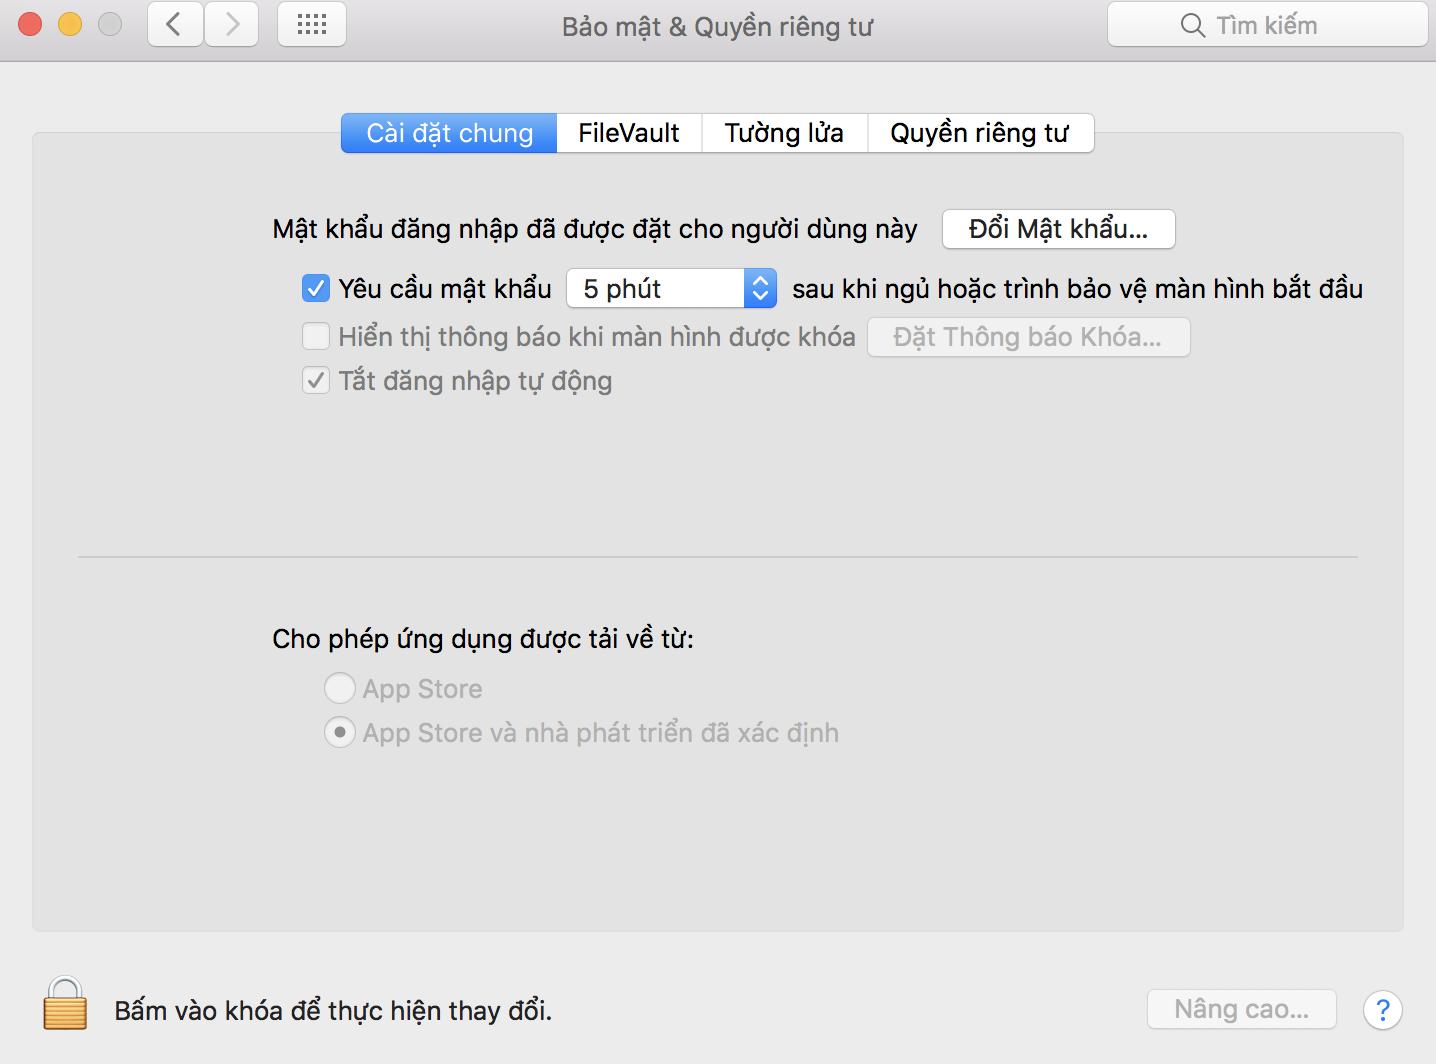 Cách mở ứng dụng khi hiện cảnh báo macOS cannot verify that this app is free from malware 10